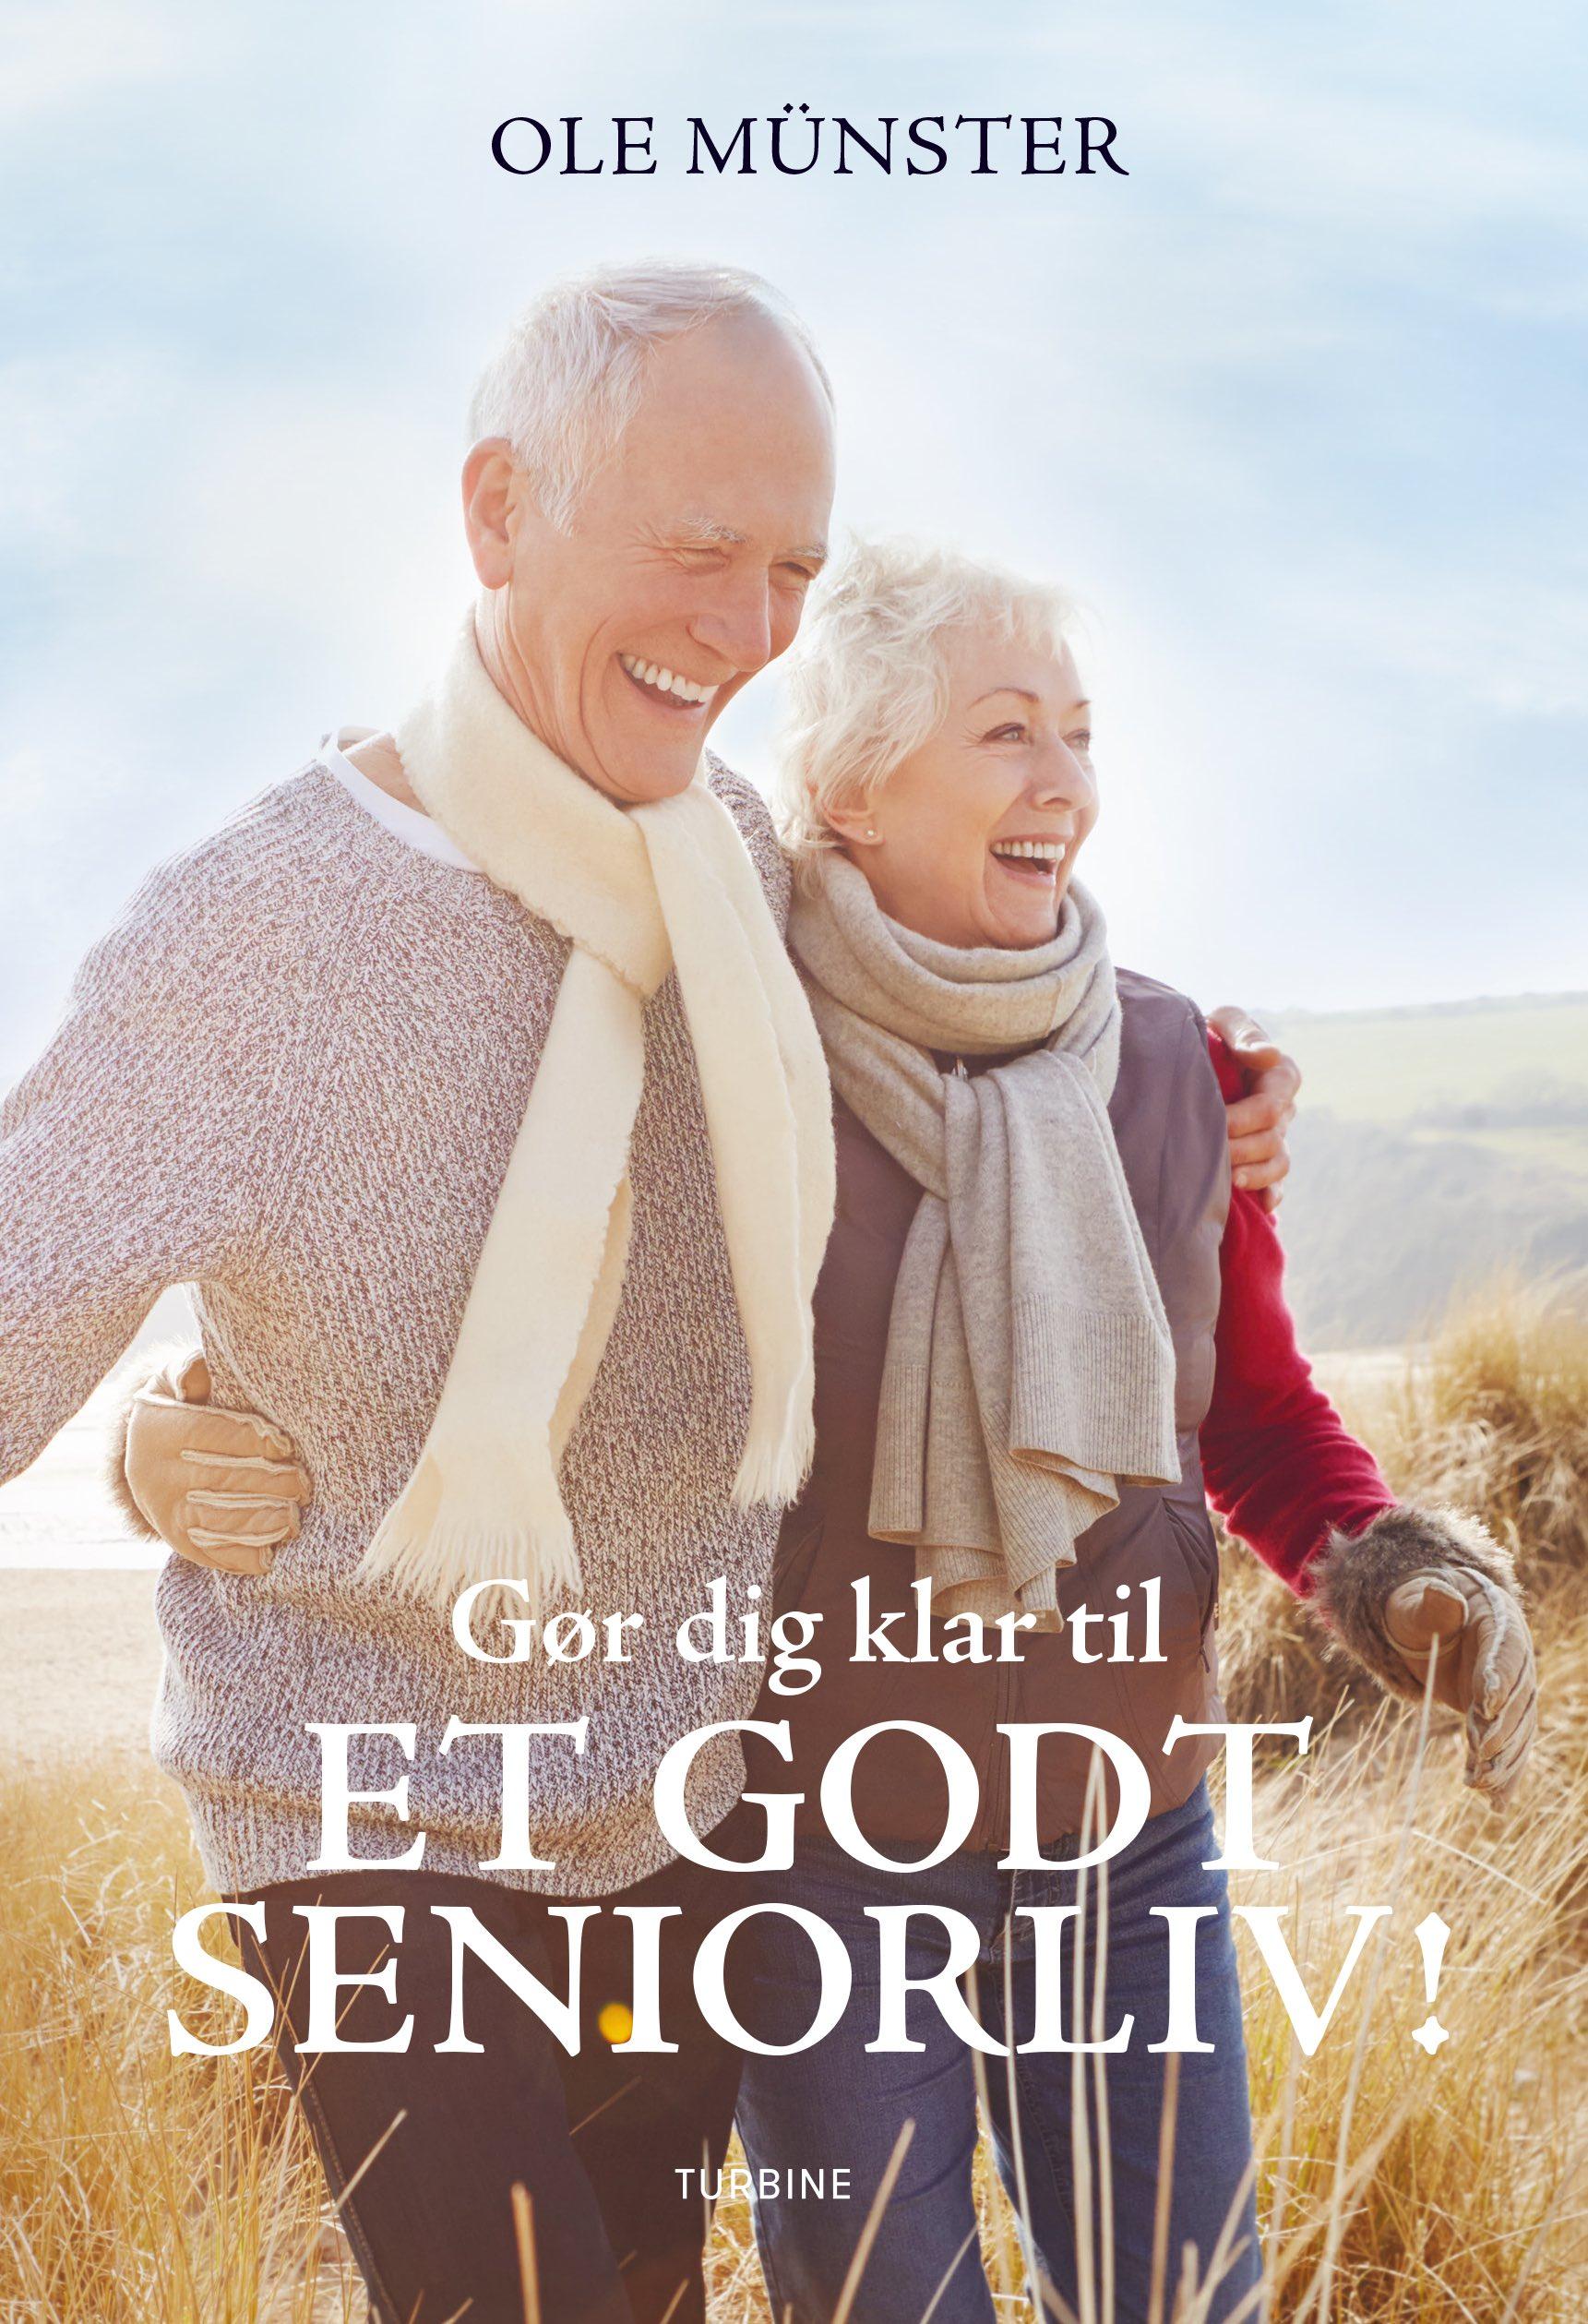 Gør dig klar til et godt seniorliv